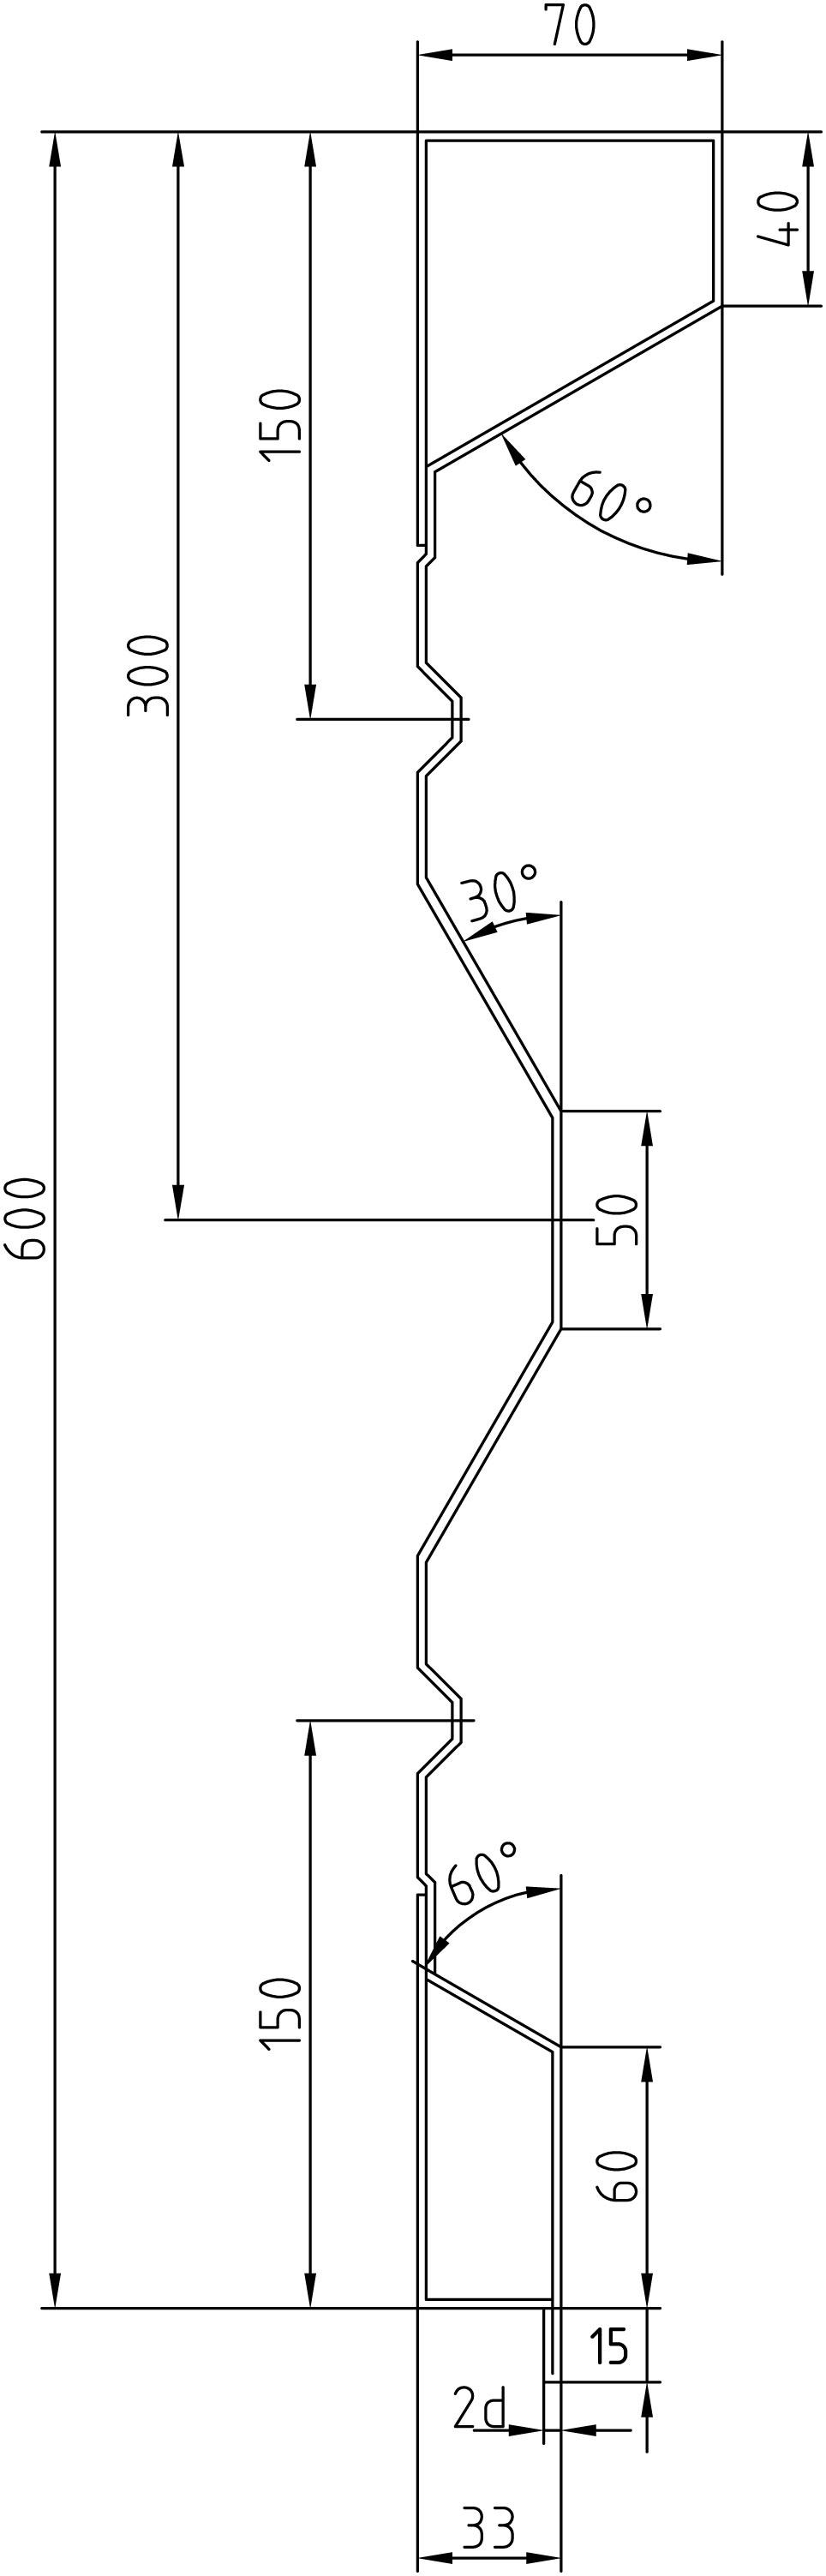 Brantner Kipper und Anhänger - 600x2x4469 sideboards with trailing edges